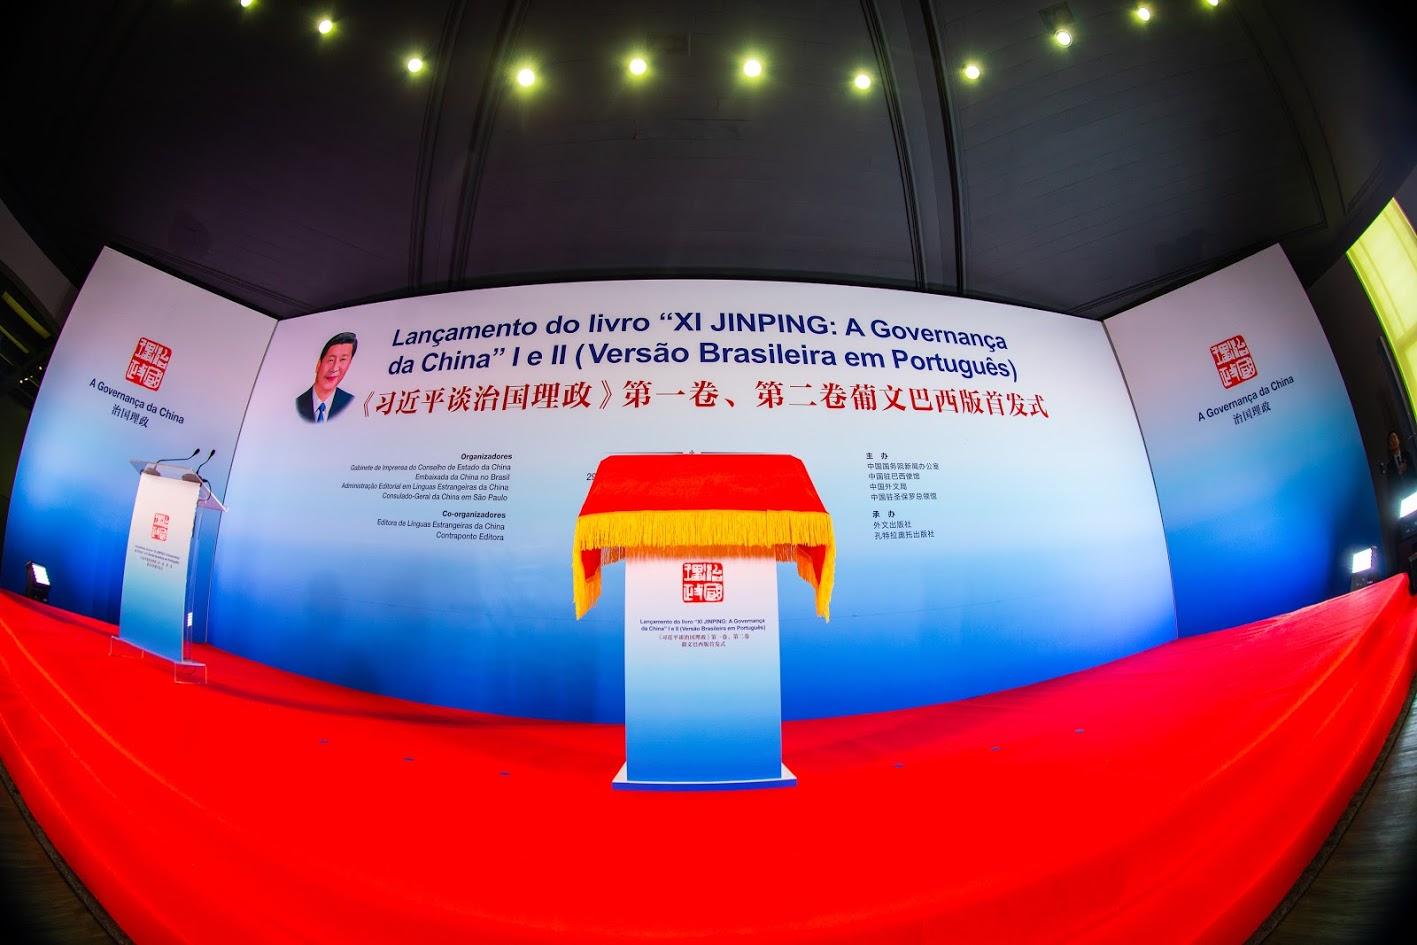 Evento de Lançamento do Livro do Xi Jiping em Versão Português Brasileiro no Palácio dos Bandeirantes em São Paulo.